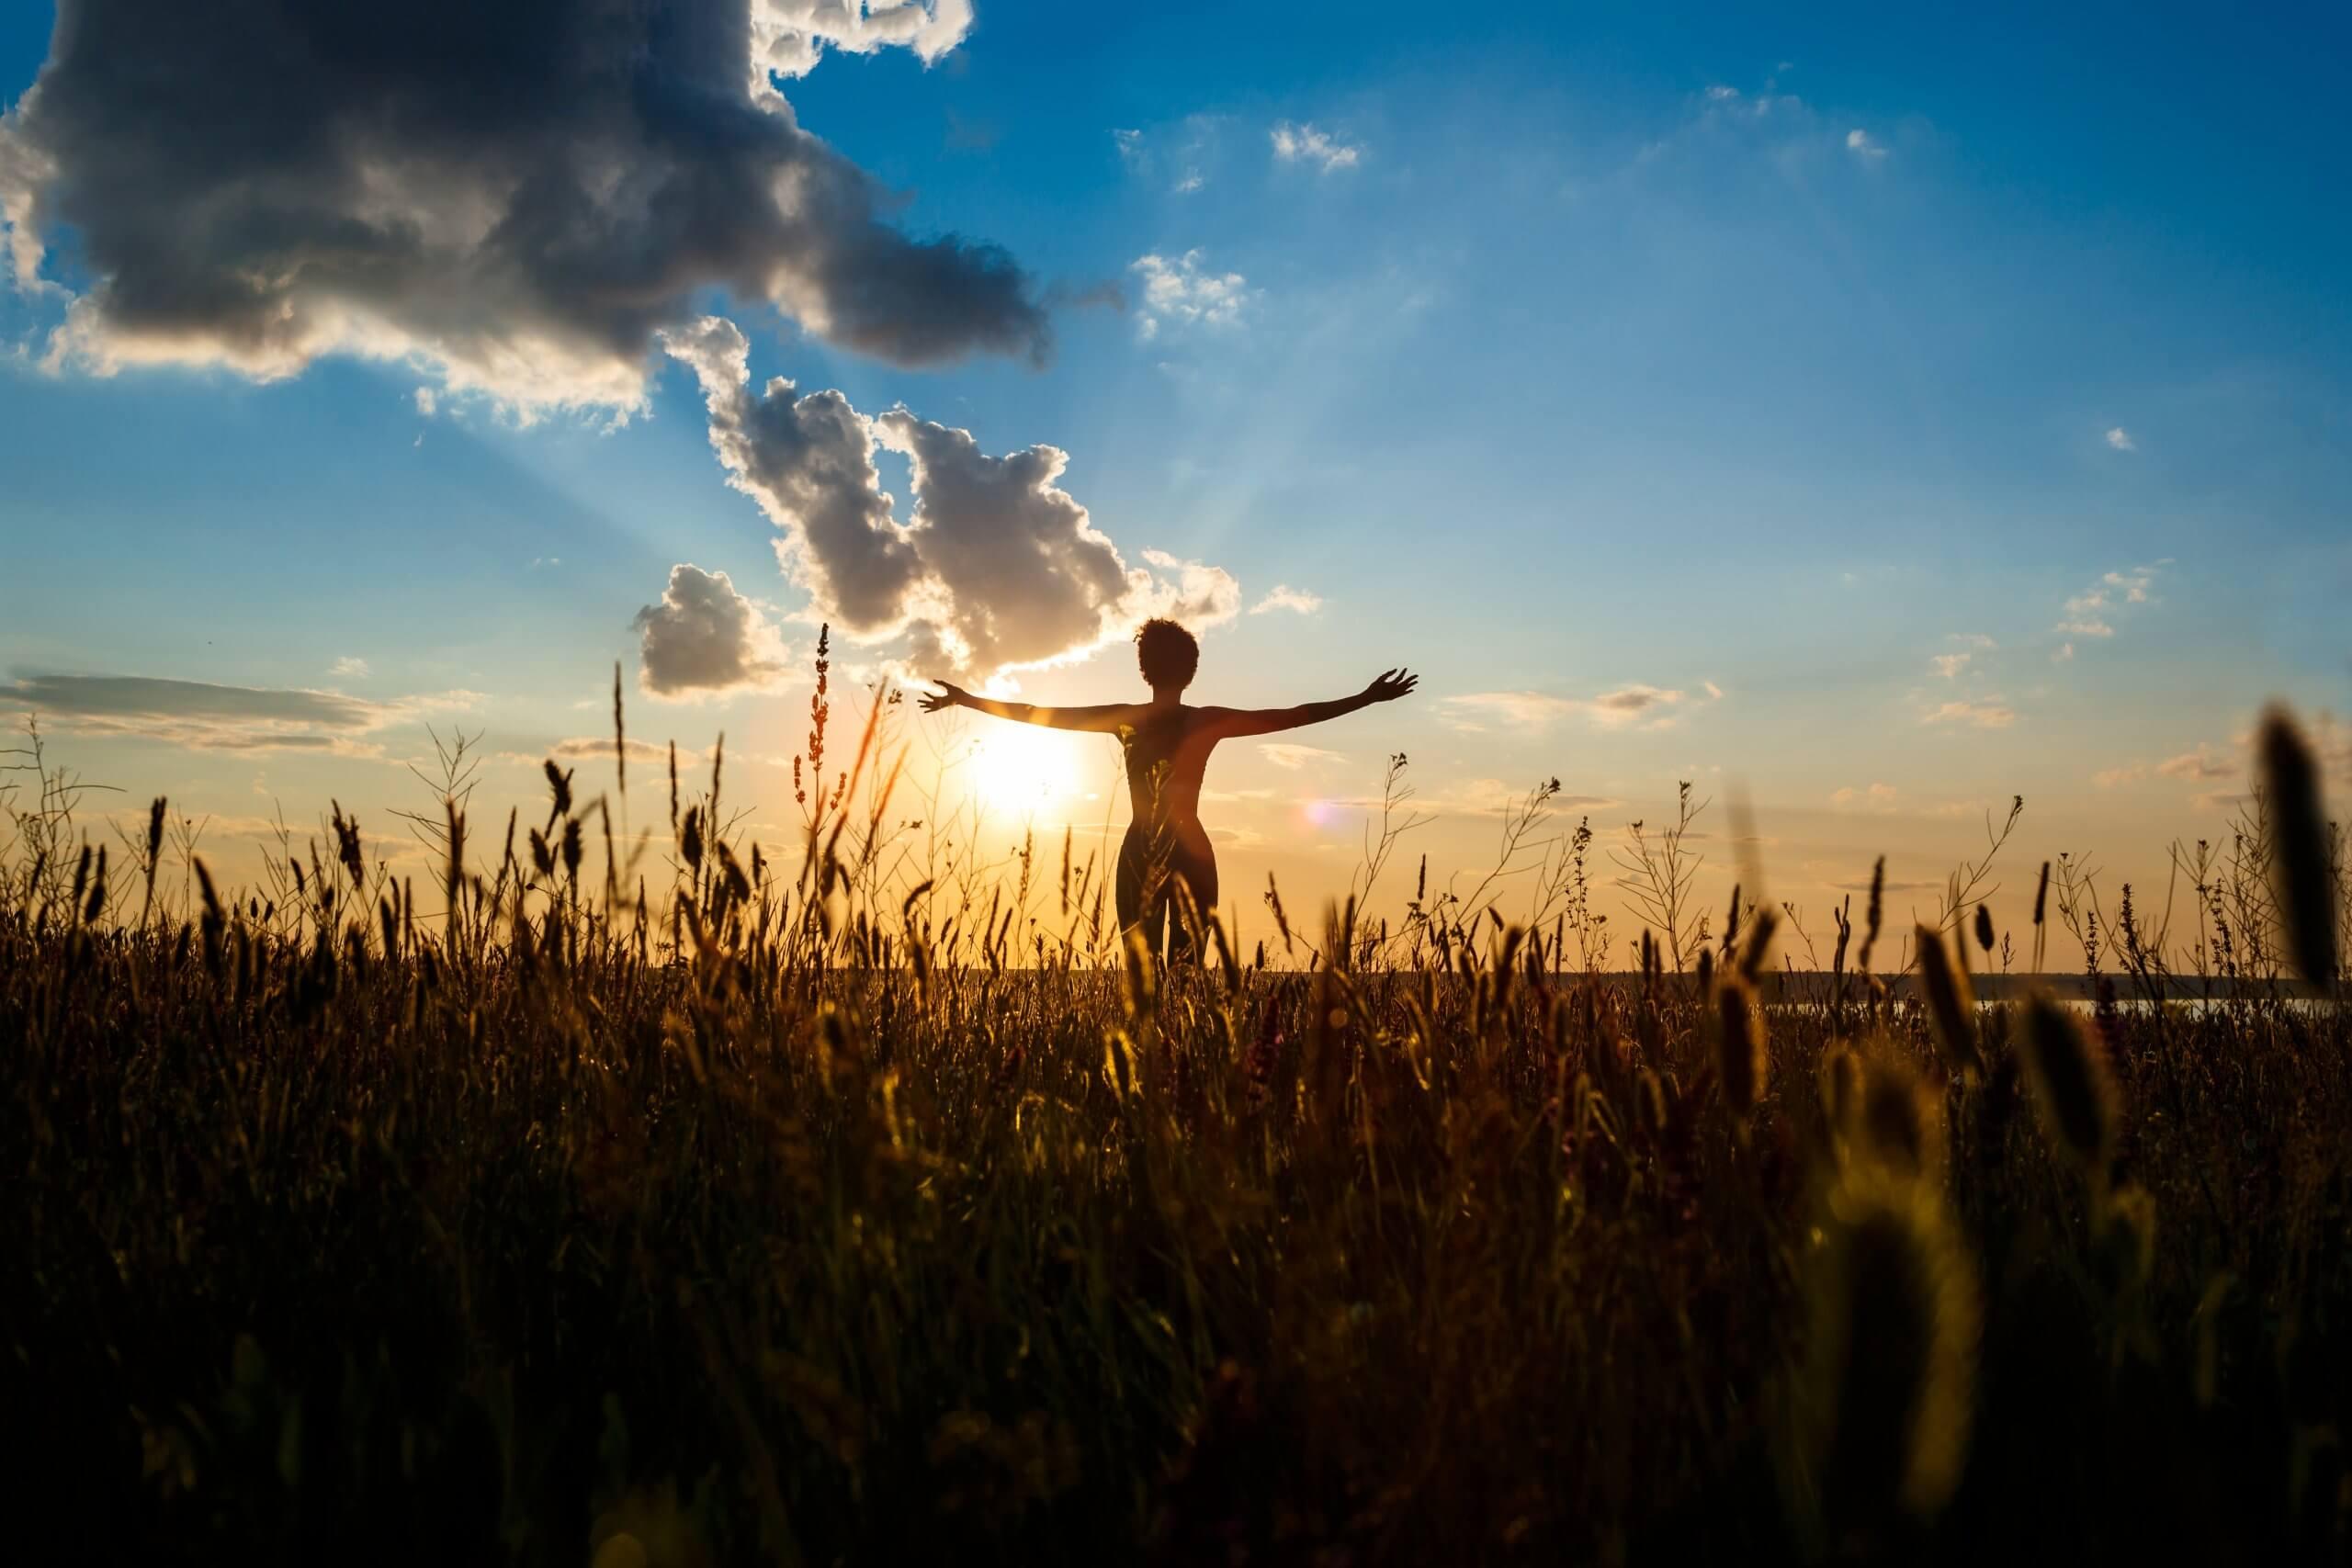 Žena cvičiaca jogu pri západe slnka na poli.